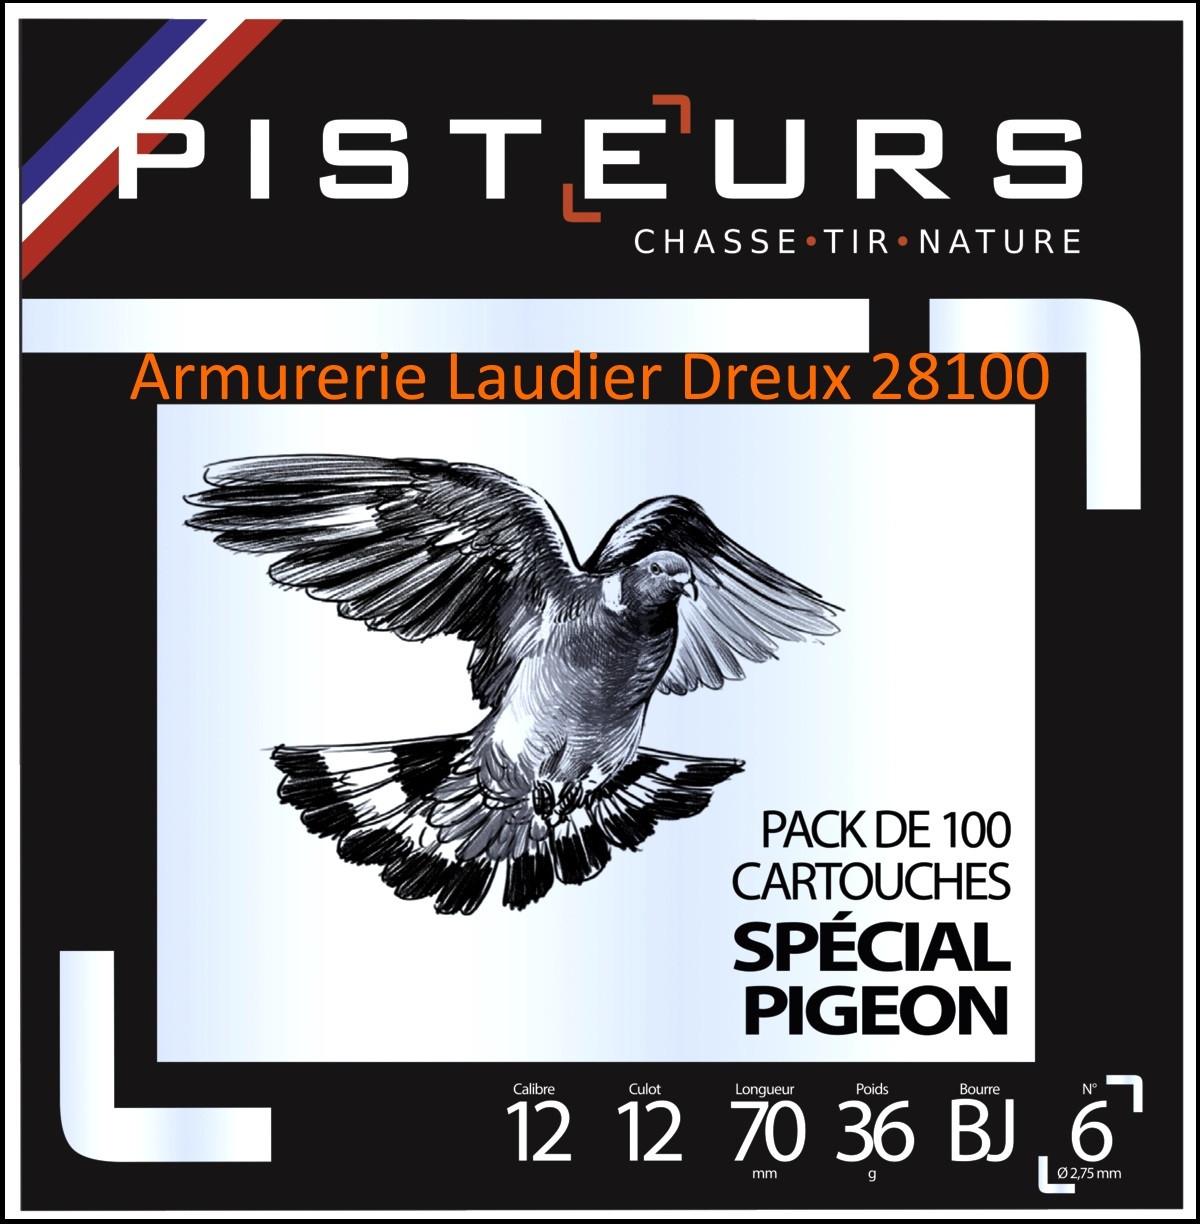 Cartouches-PISTEURS-Spécial-pigeons-Cal 12/70-Plomb N°6 en 36 gr-Pack de 100 cartouches-Ref 33502